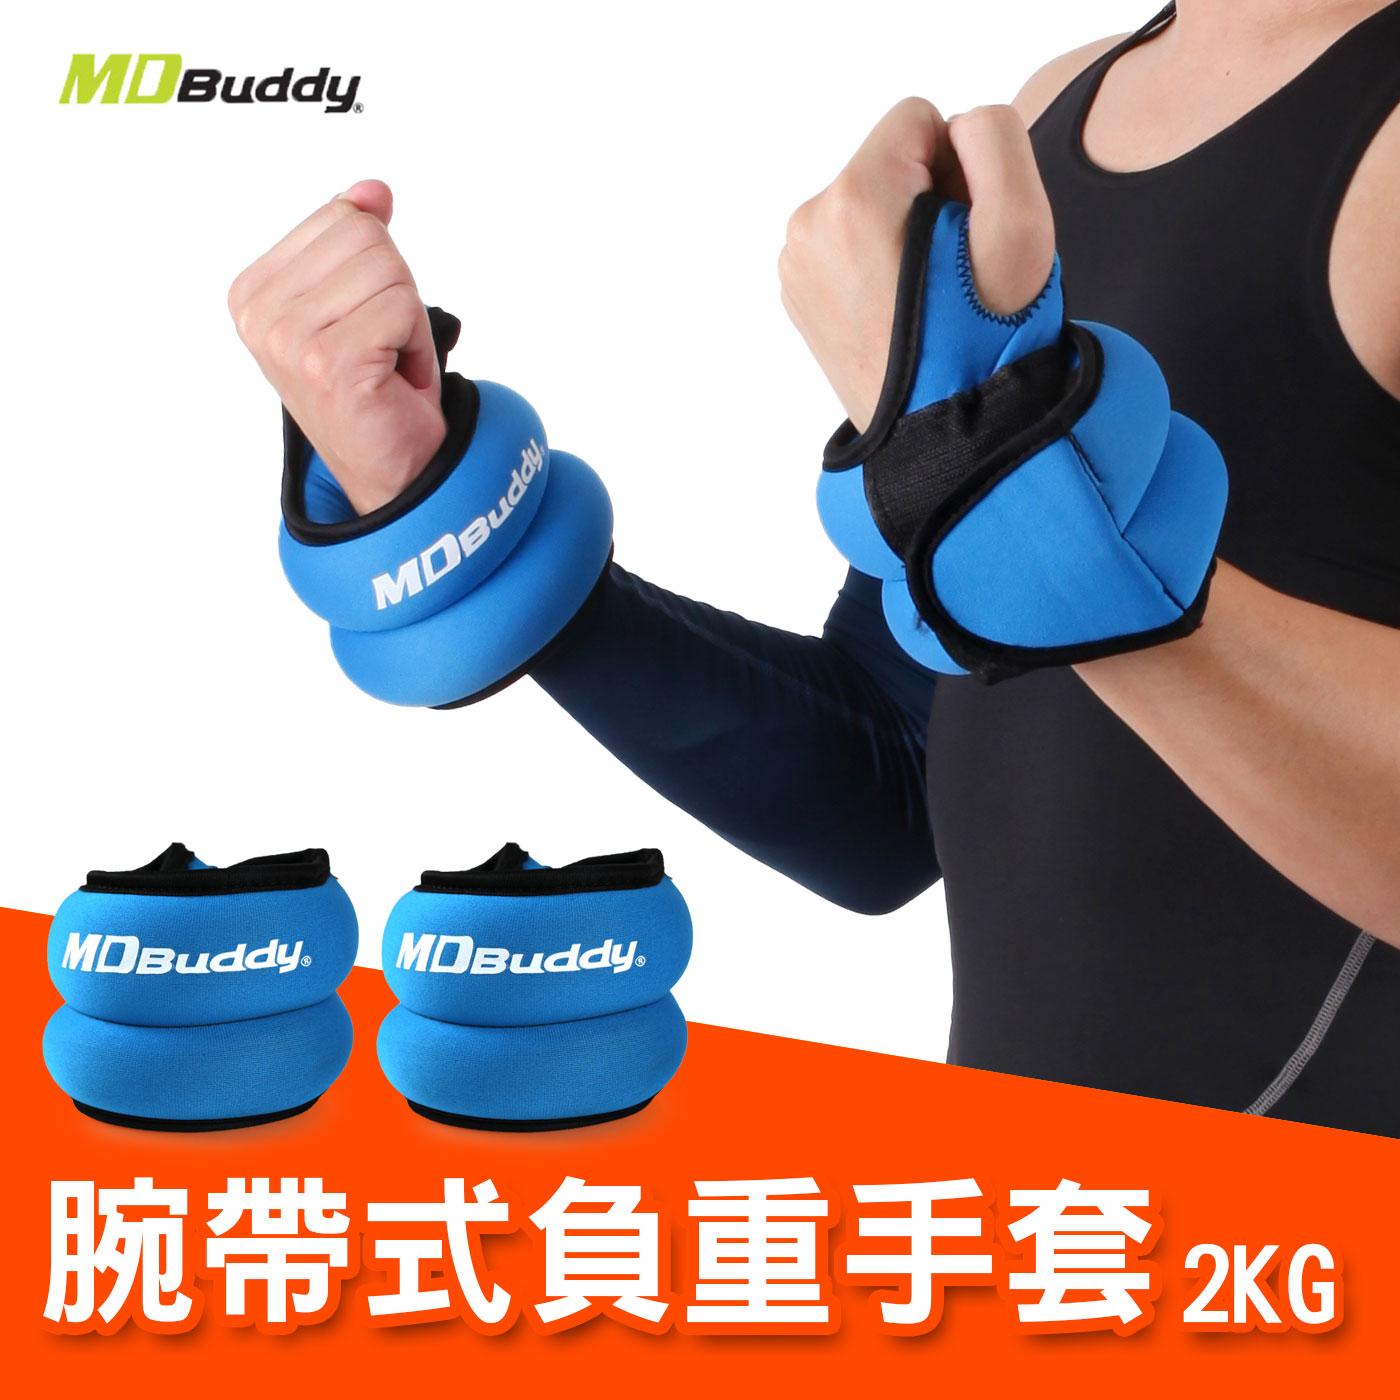 MDBuddy 腕帶式負重手套2KG(一雙) 6022601